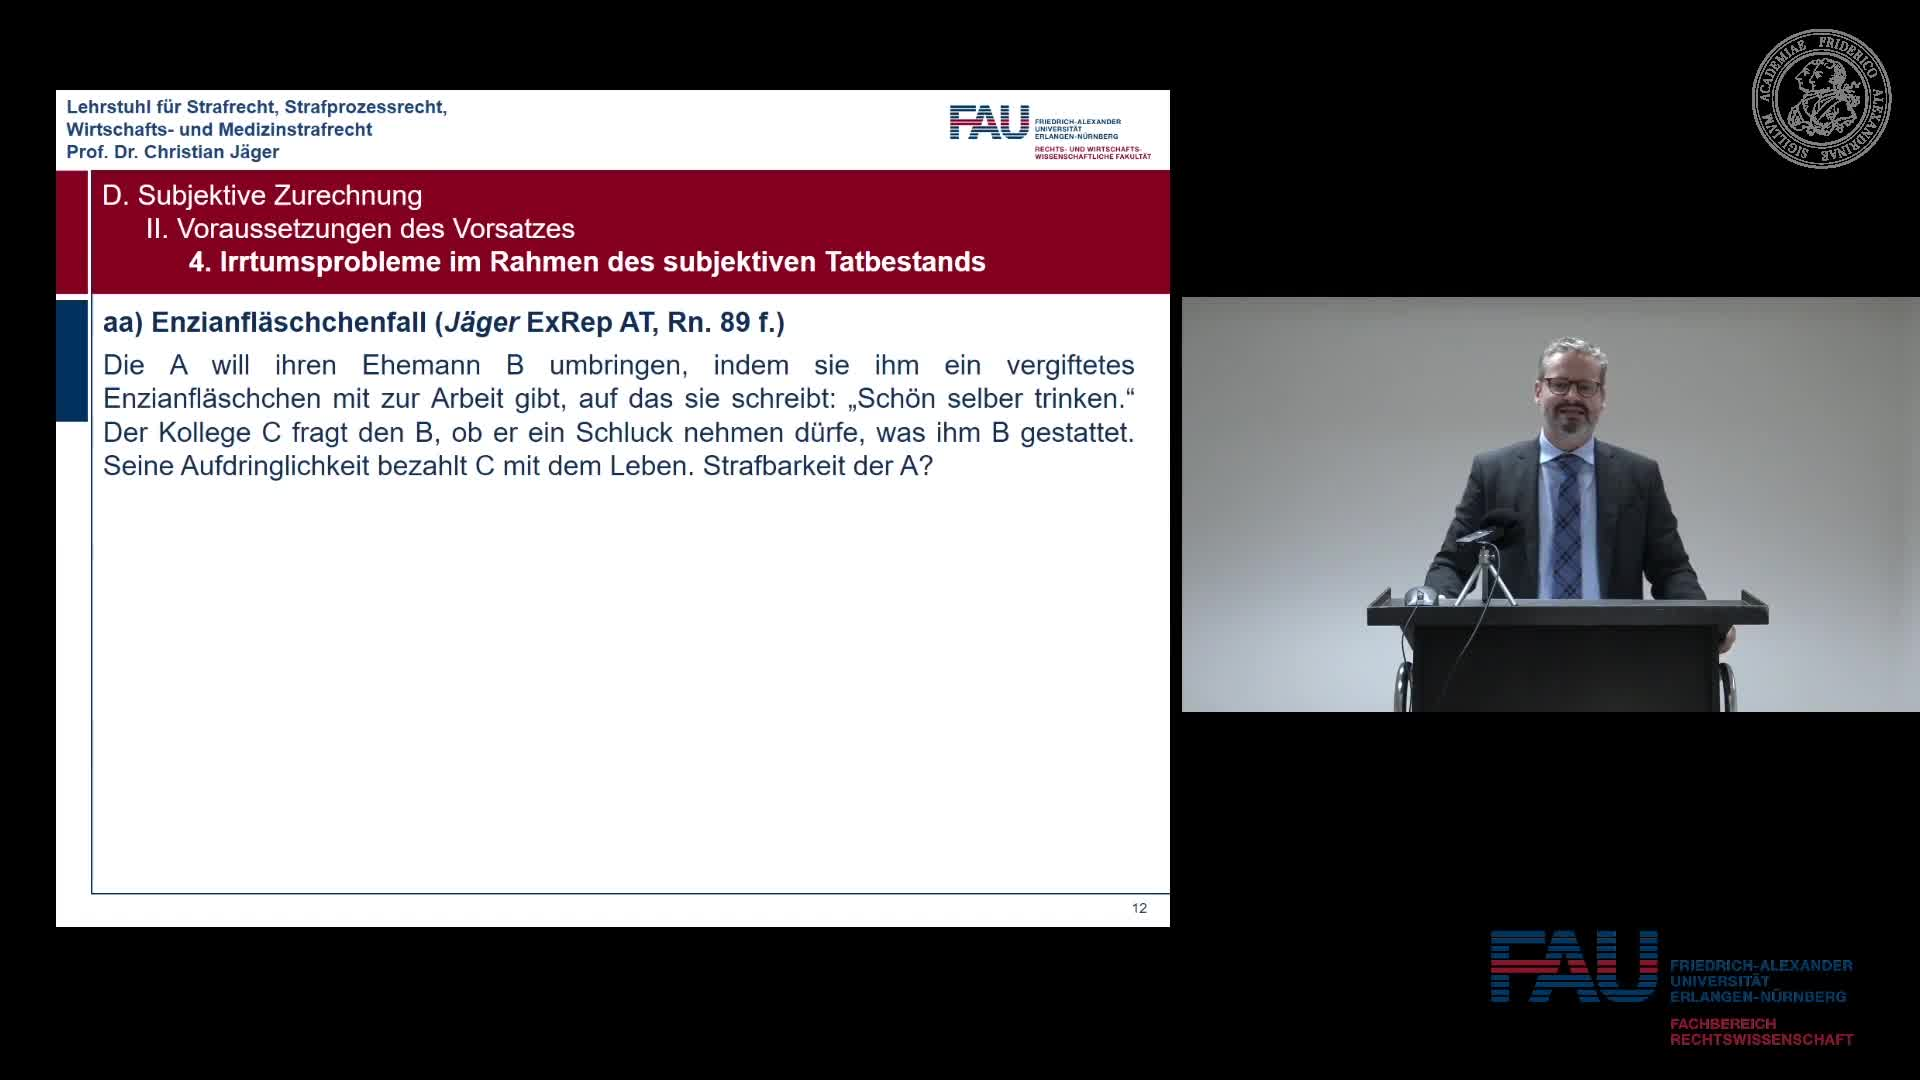 Grundkurs Strafrecht I - Einheit 14 preview image